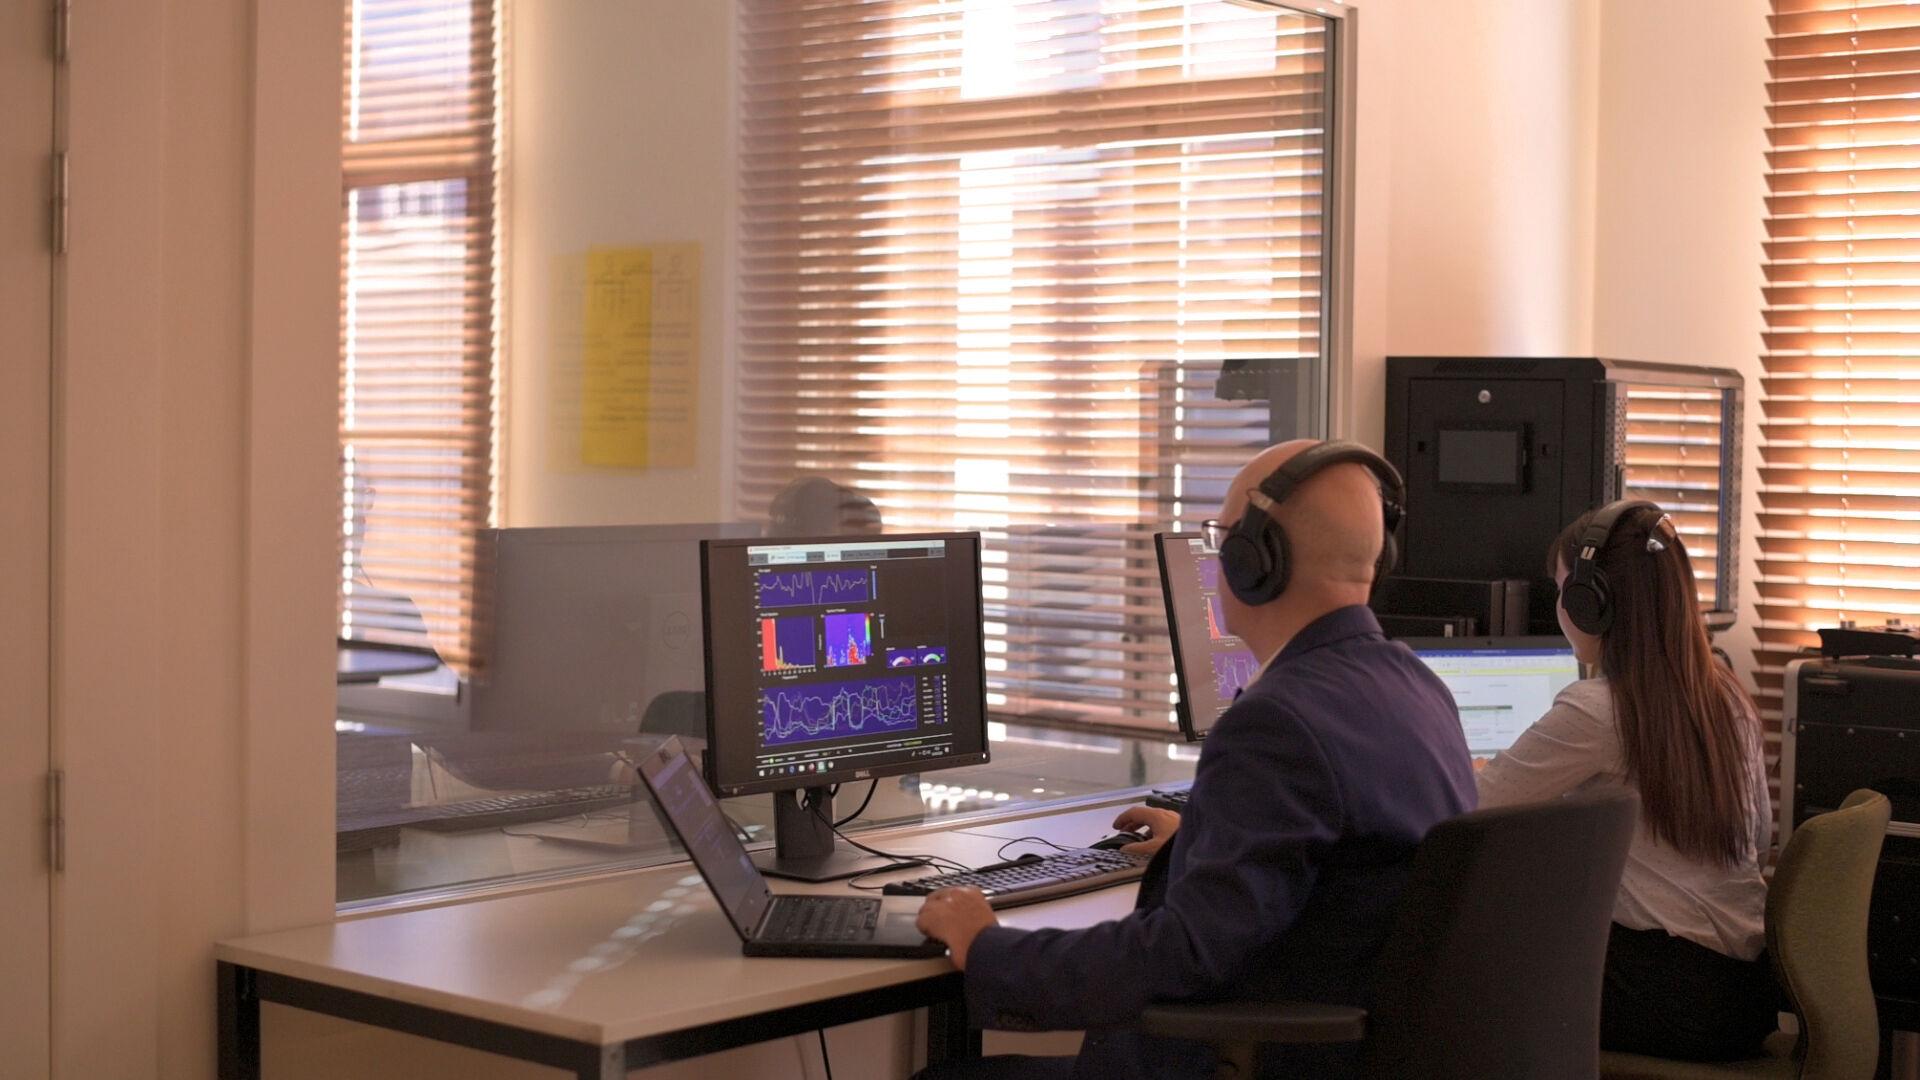 AMS Acerta Neurotraininglab TM